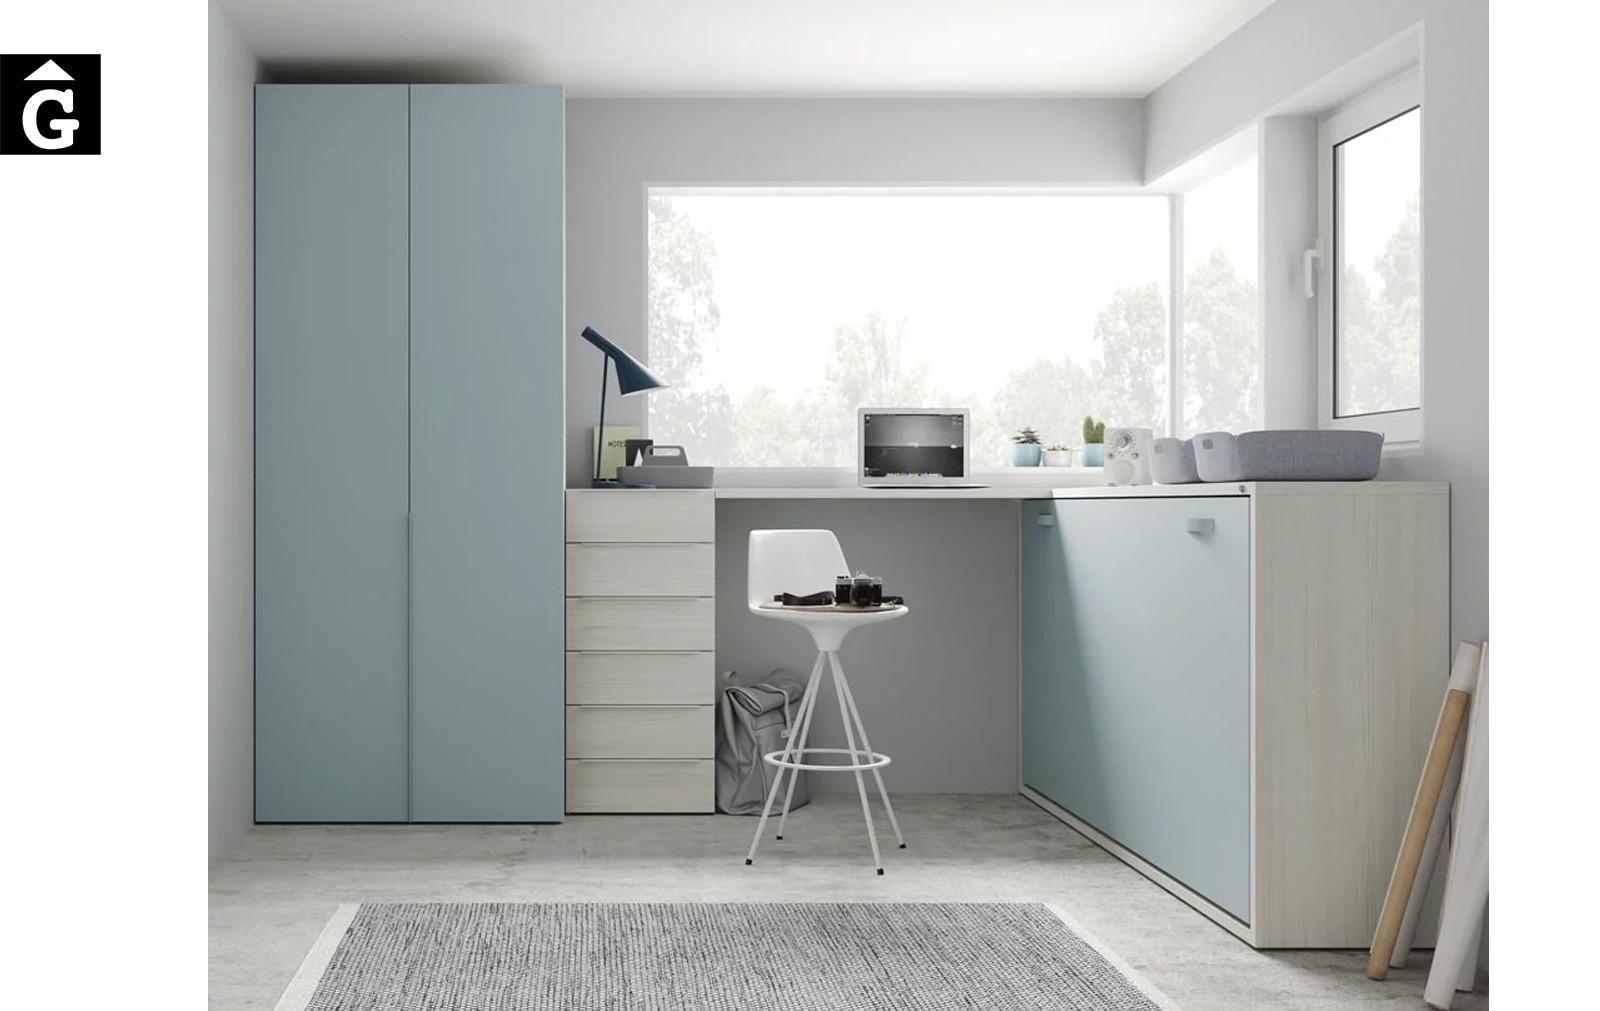 Moble estudi amb escriptori alt   Up & Down   llits abatibles   Pràctics, saludables i segurs   Jotajotape   mobles Gifreu